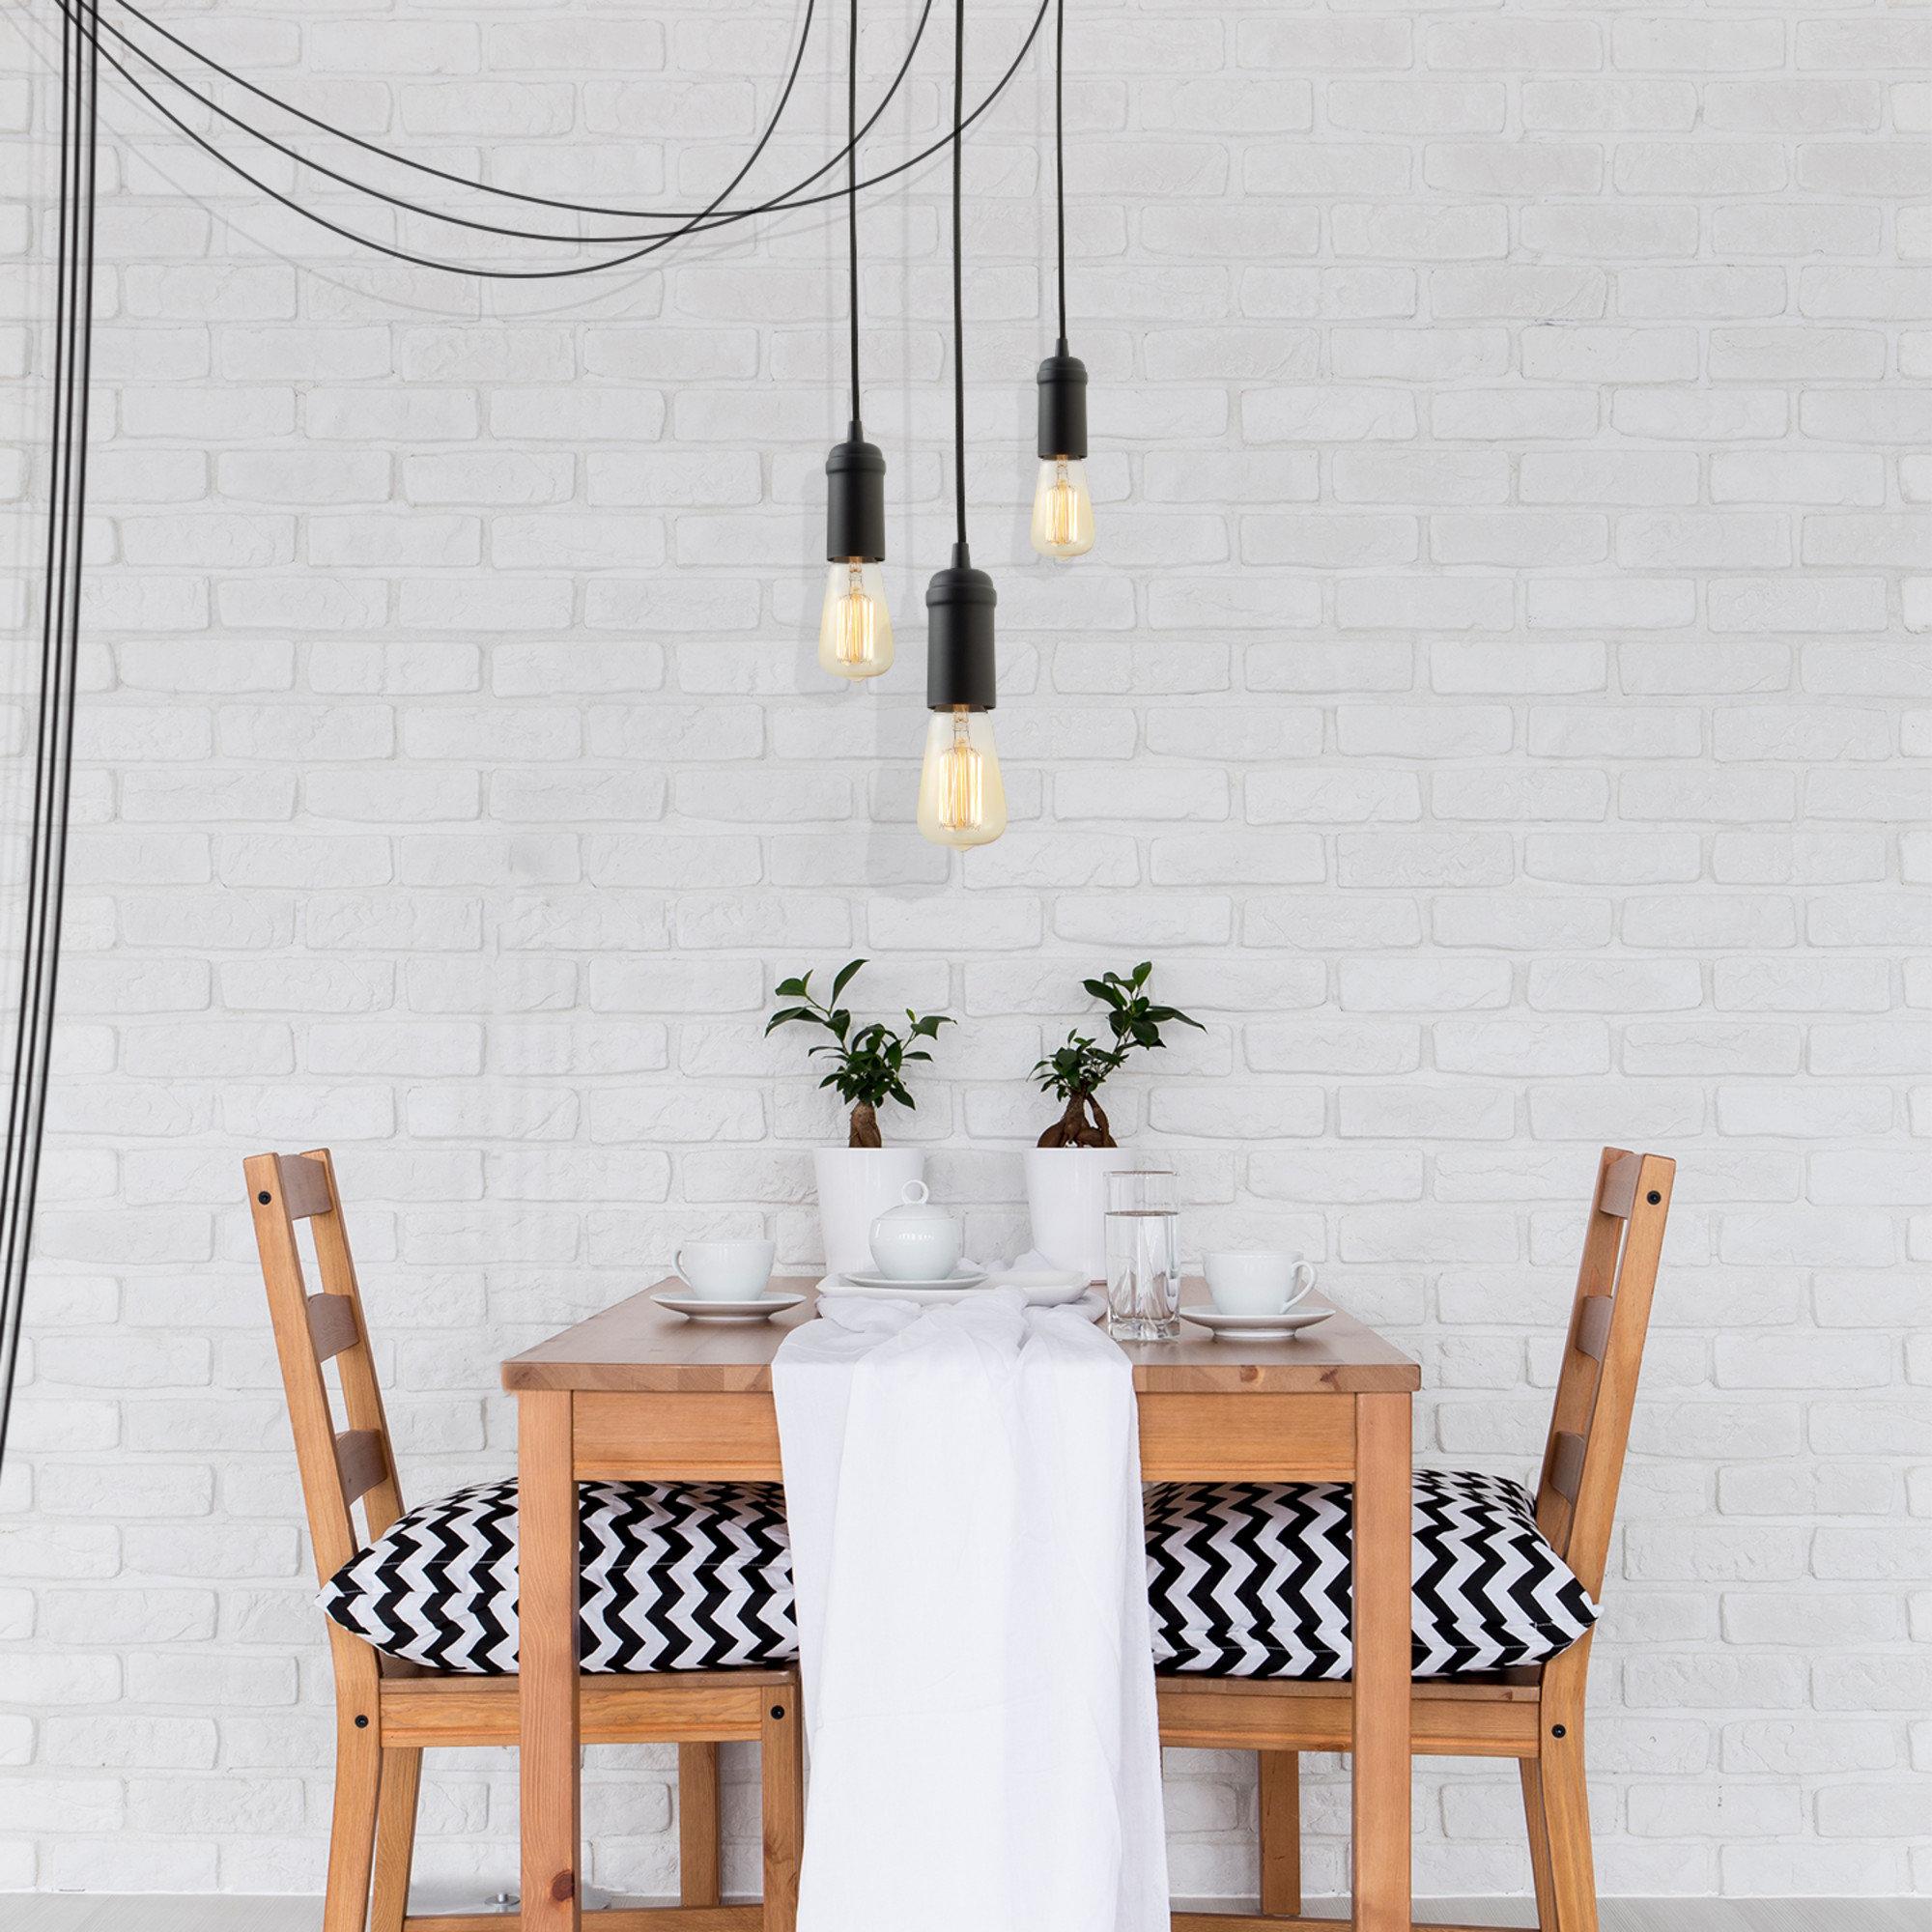 Bryker 1-Light Single Bulb Pendant for Most Recently Released Bryker 1-Light Single Bulb Pendants